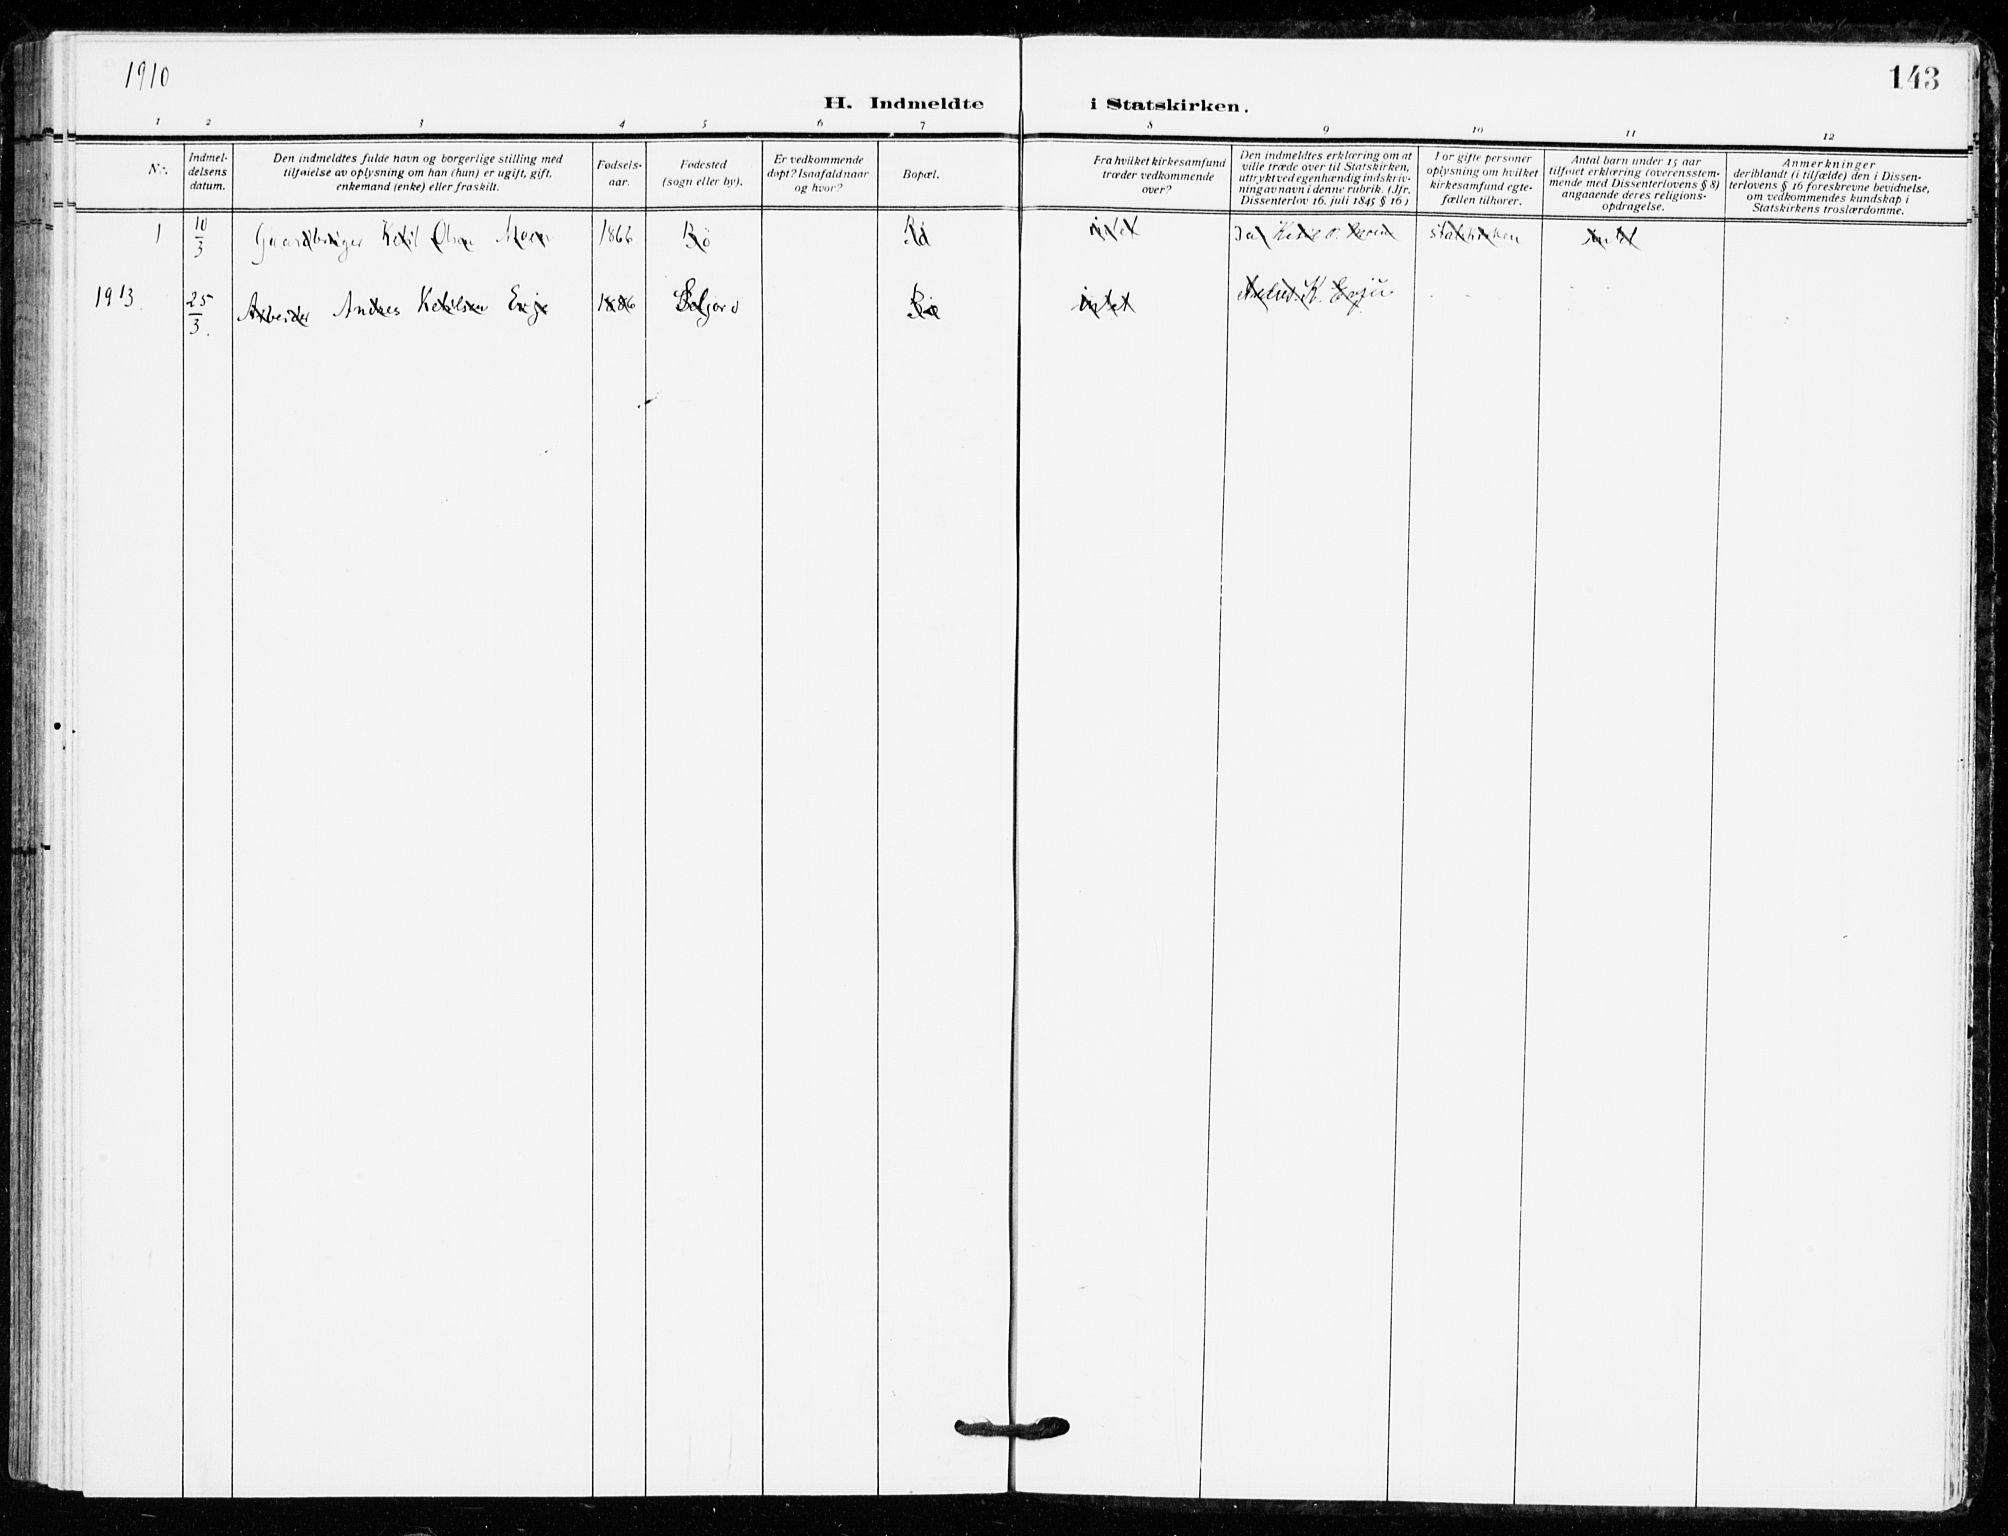 SAKO, Bø kirkebøker, F/Fa/L0013: Ministerialbok nr. 13, 1909-1921, s. 143